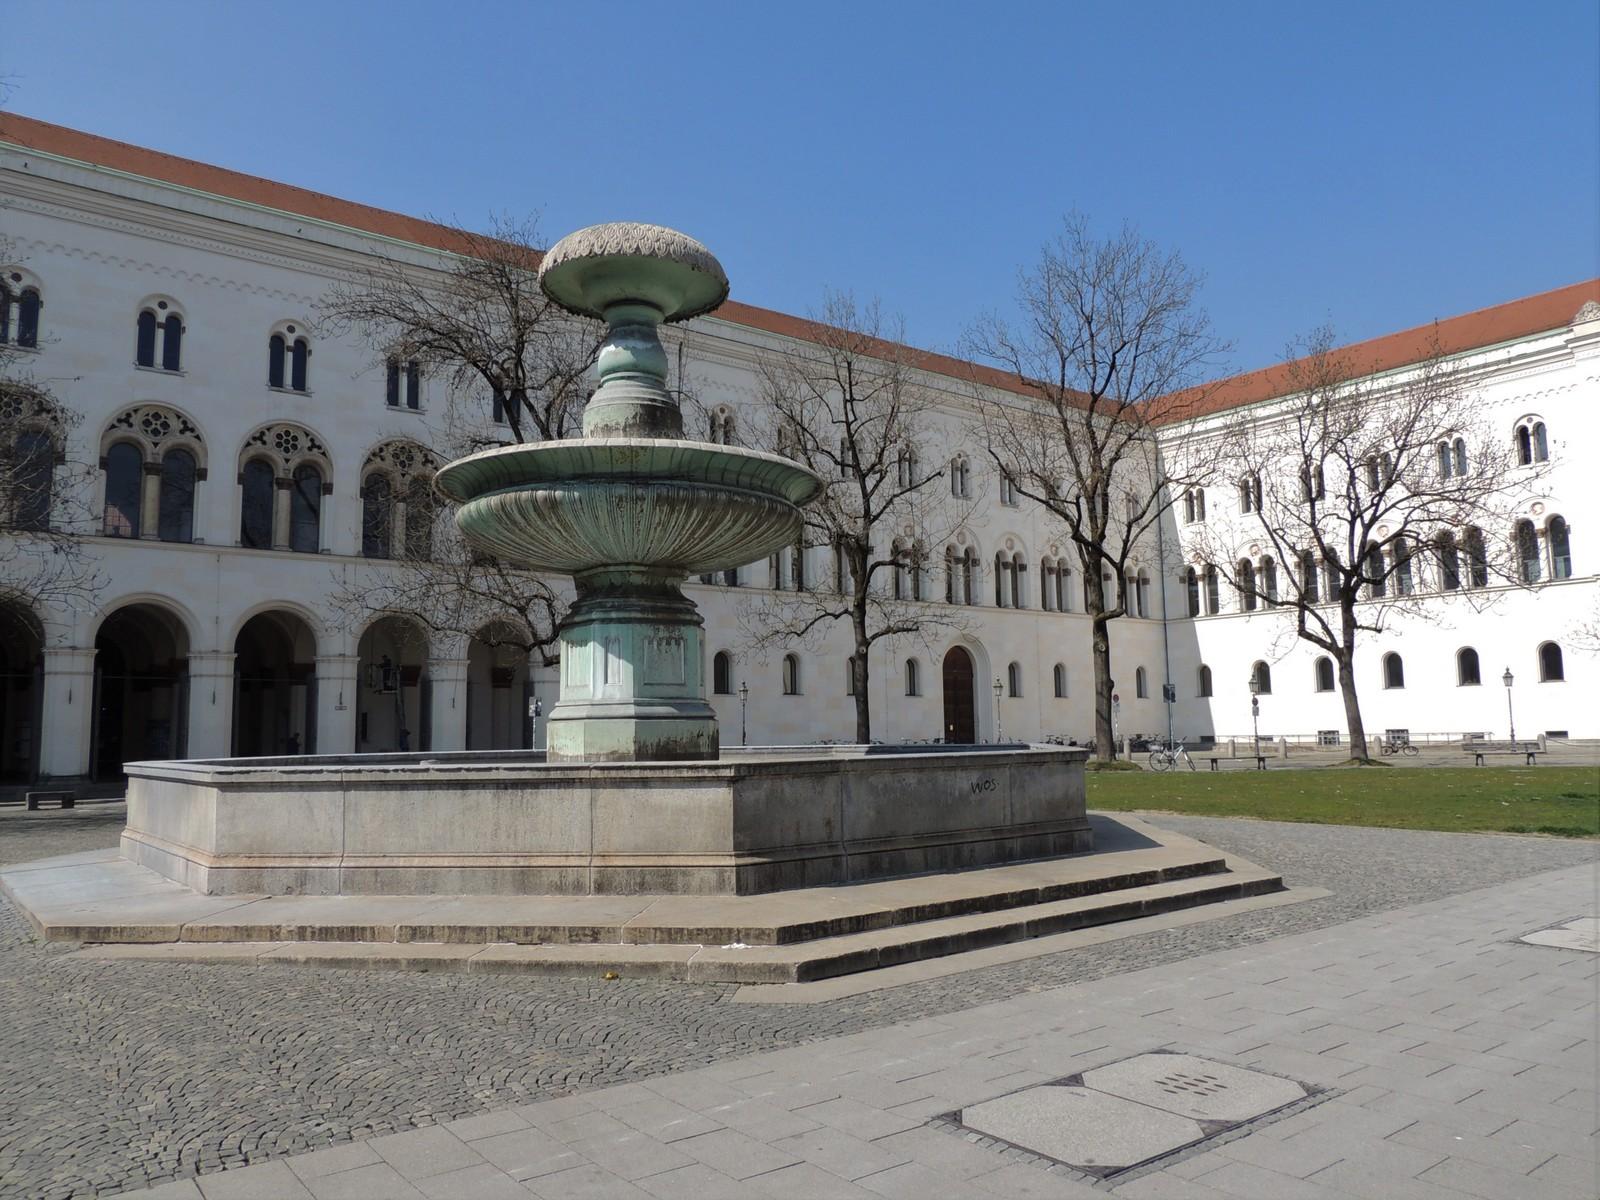 Römischer Brunnen am Geschwister-Scholl-Platz - München